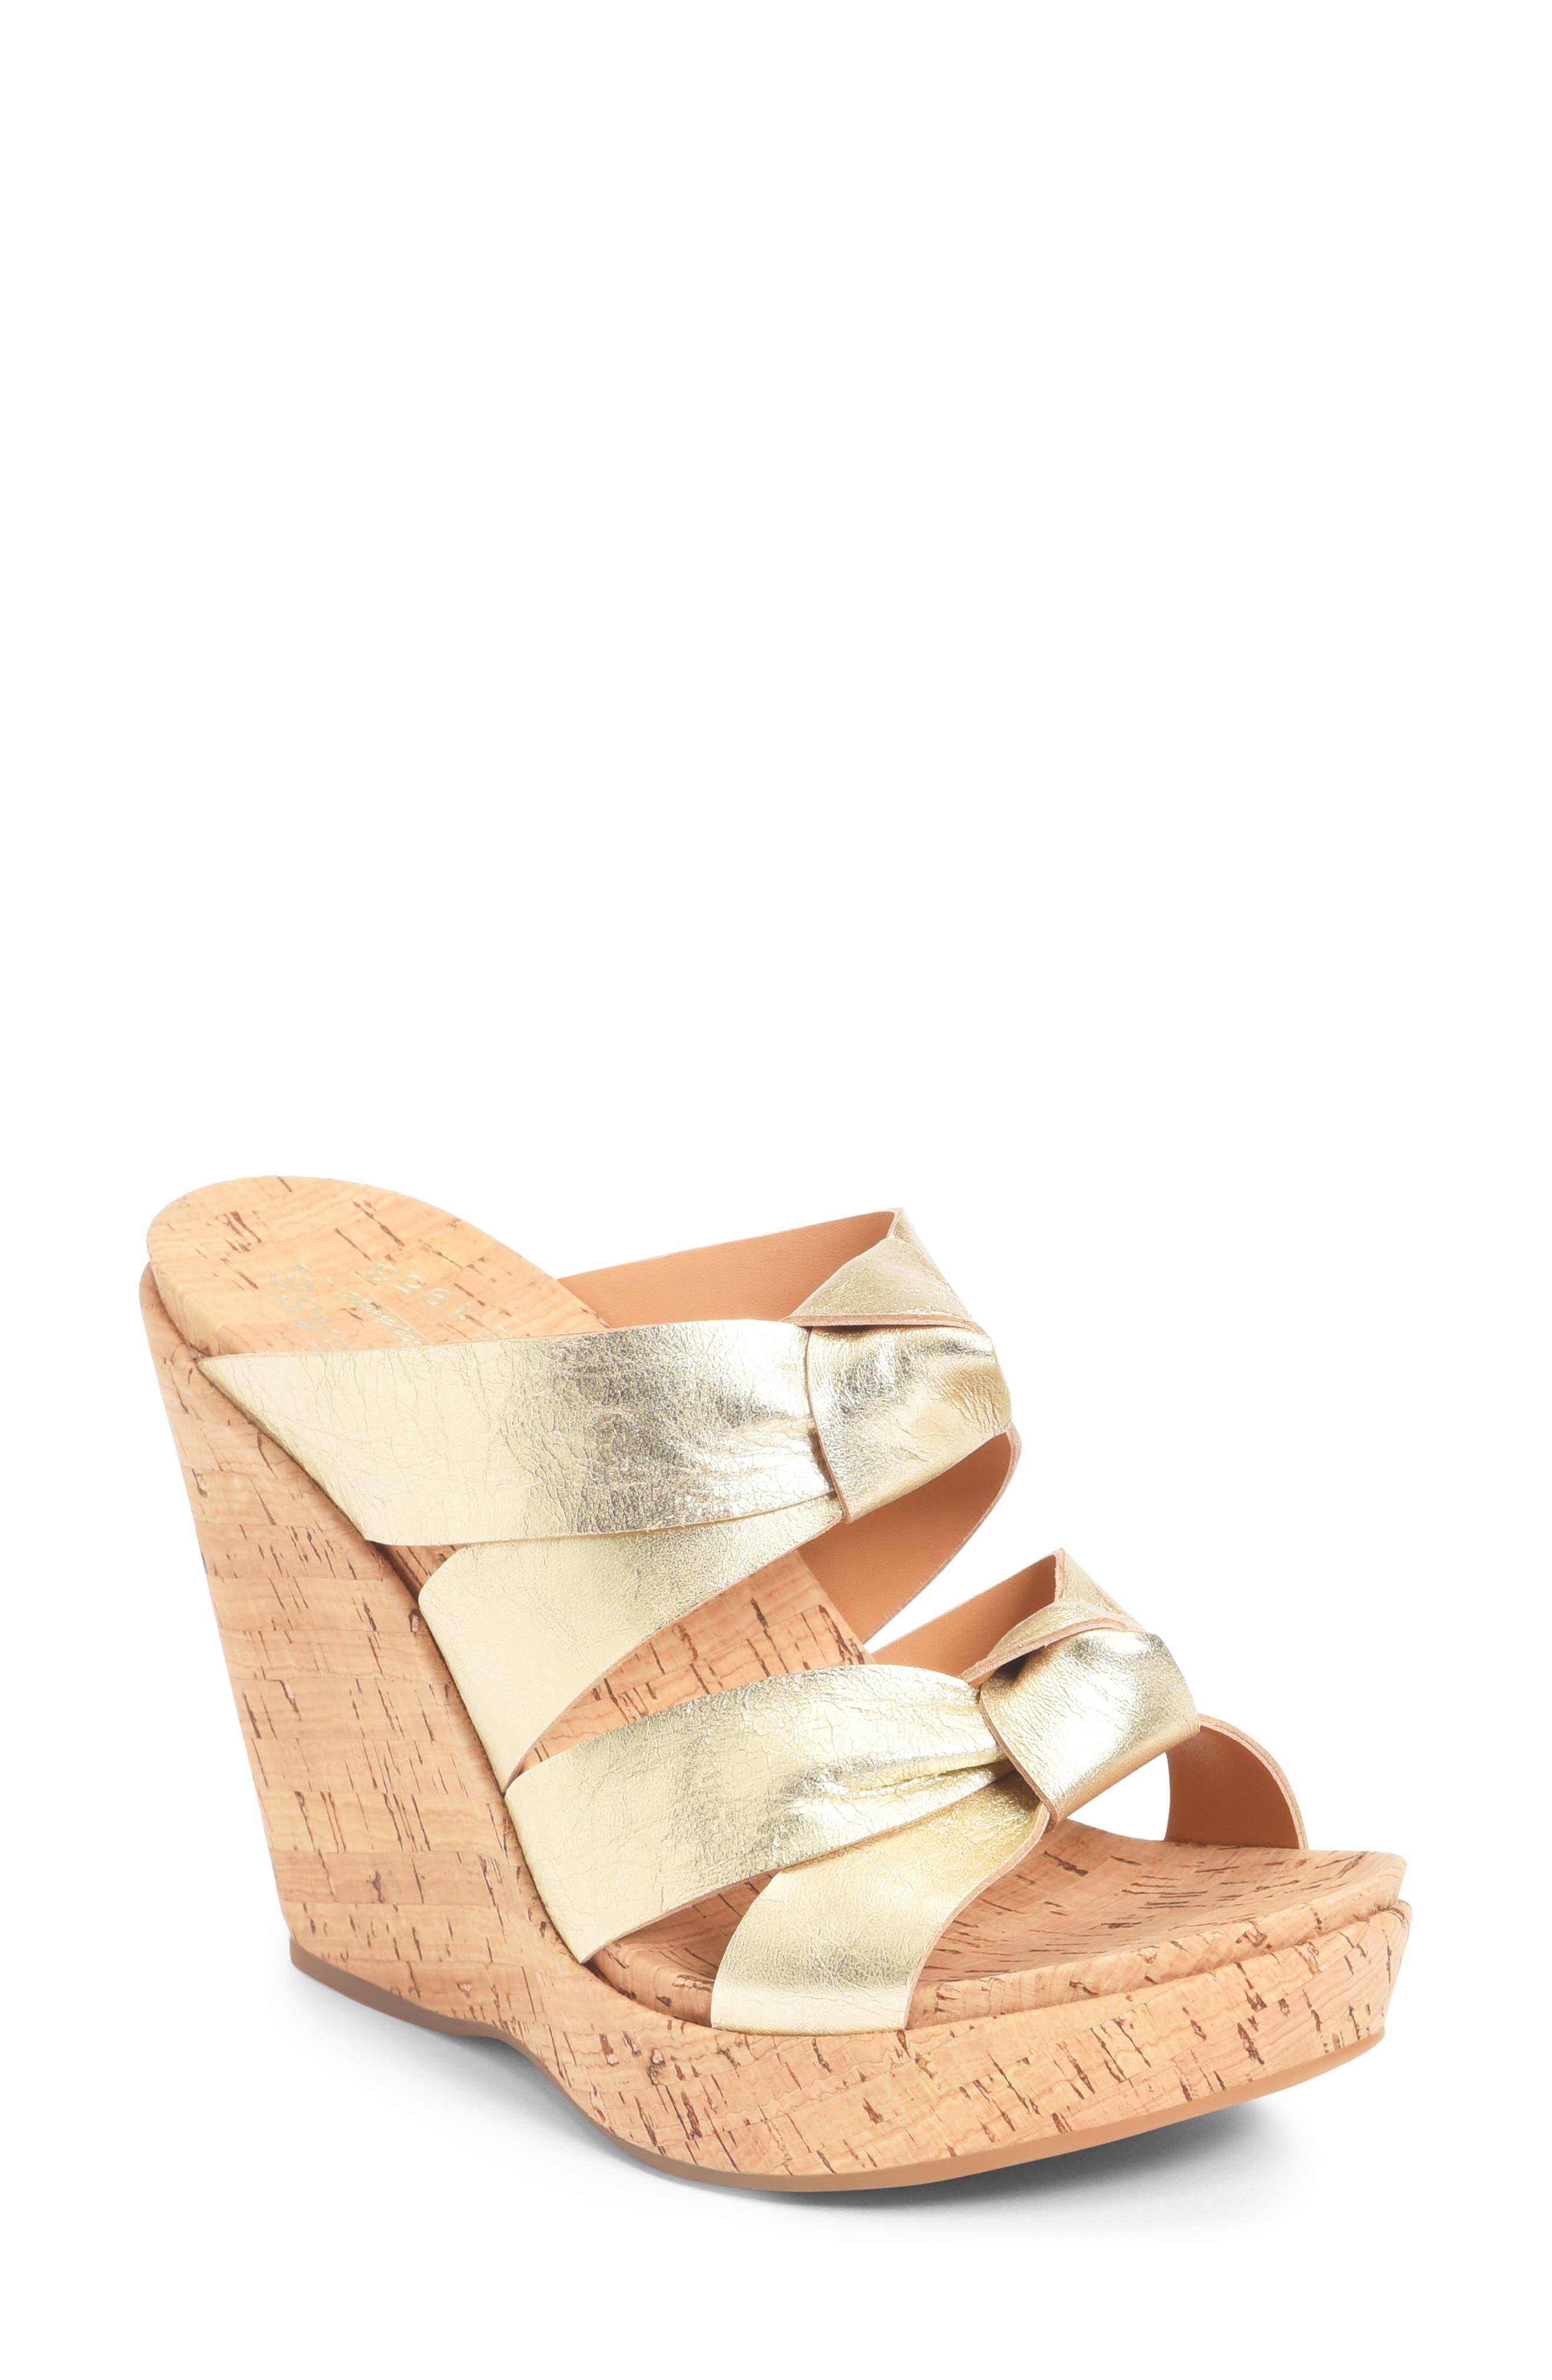 Women's Kork-Ease Sammi Wedge Slide Sandal